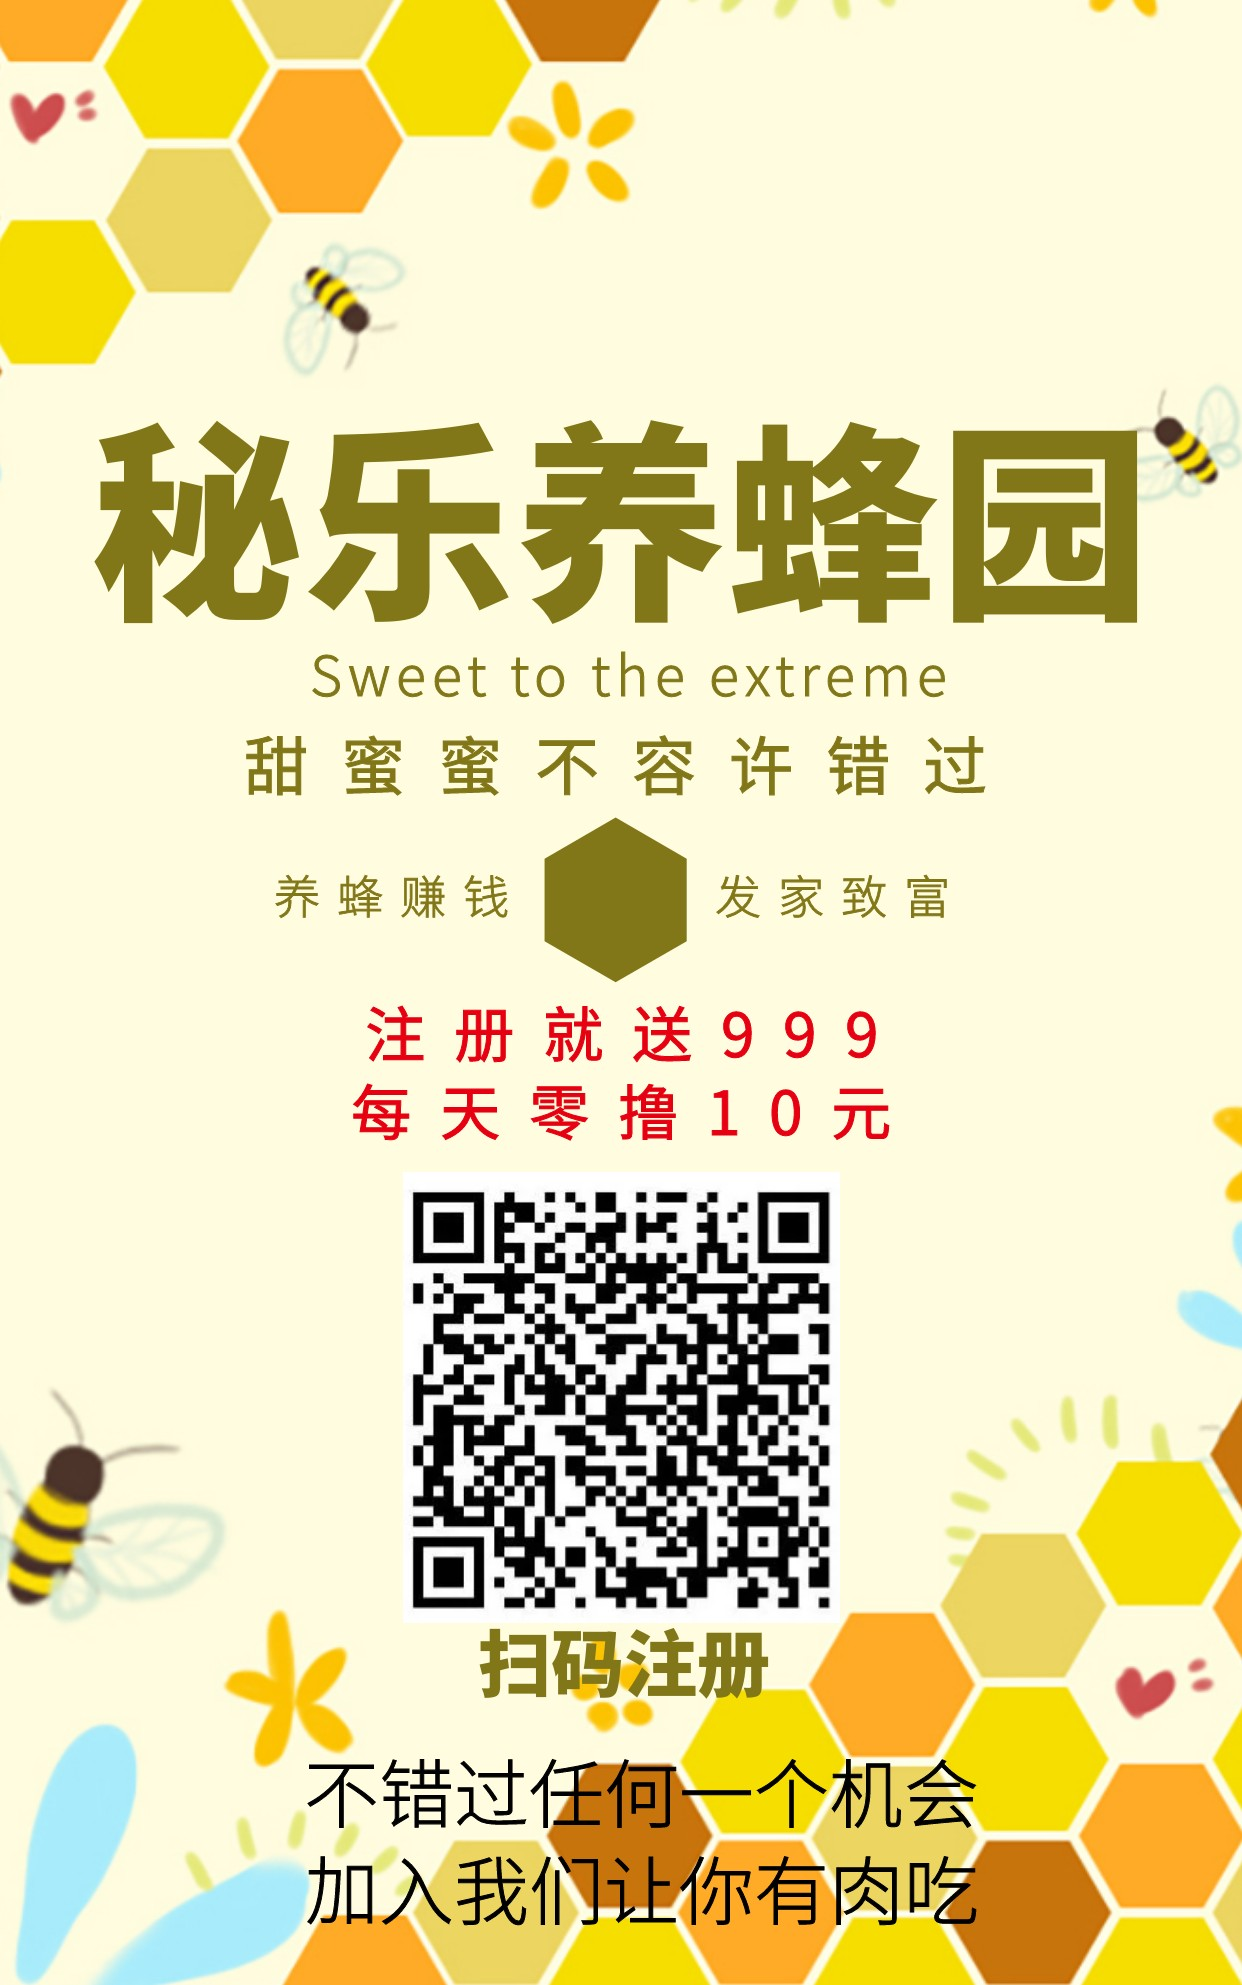 图片[2]-【养蜂园】首码启动,速度上车!10代收益-首码社